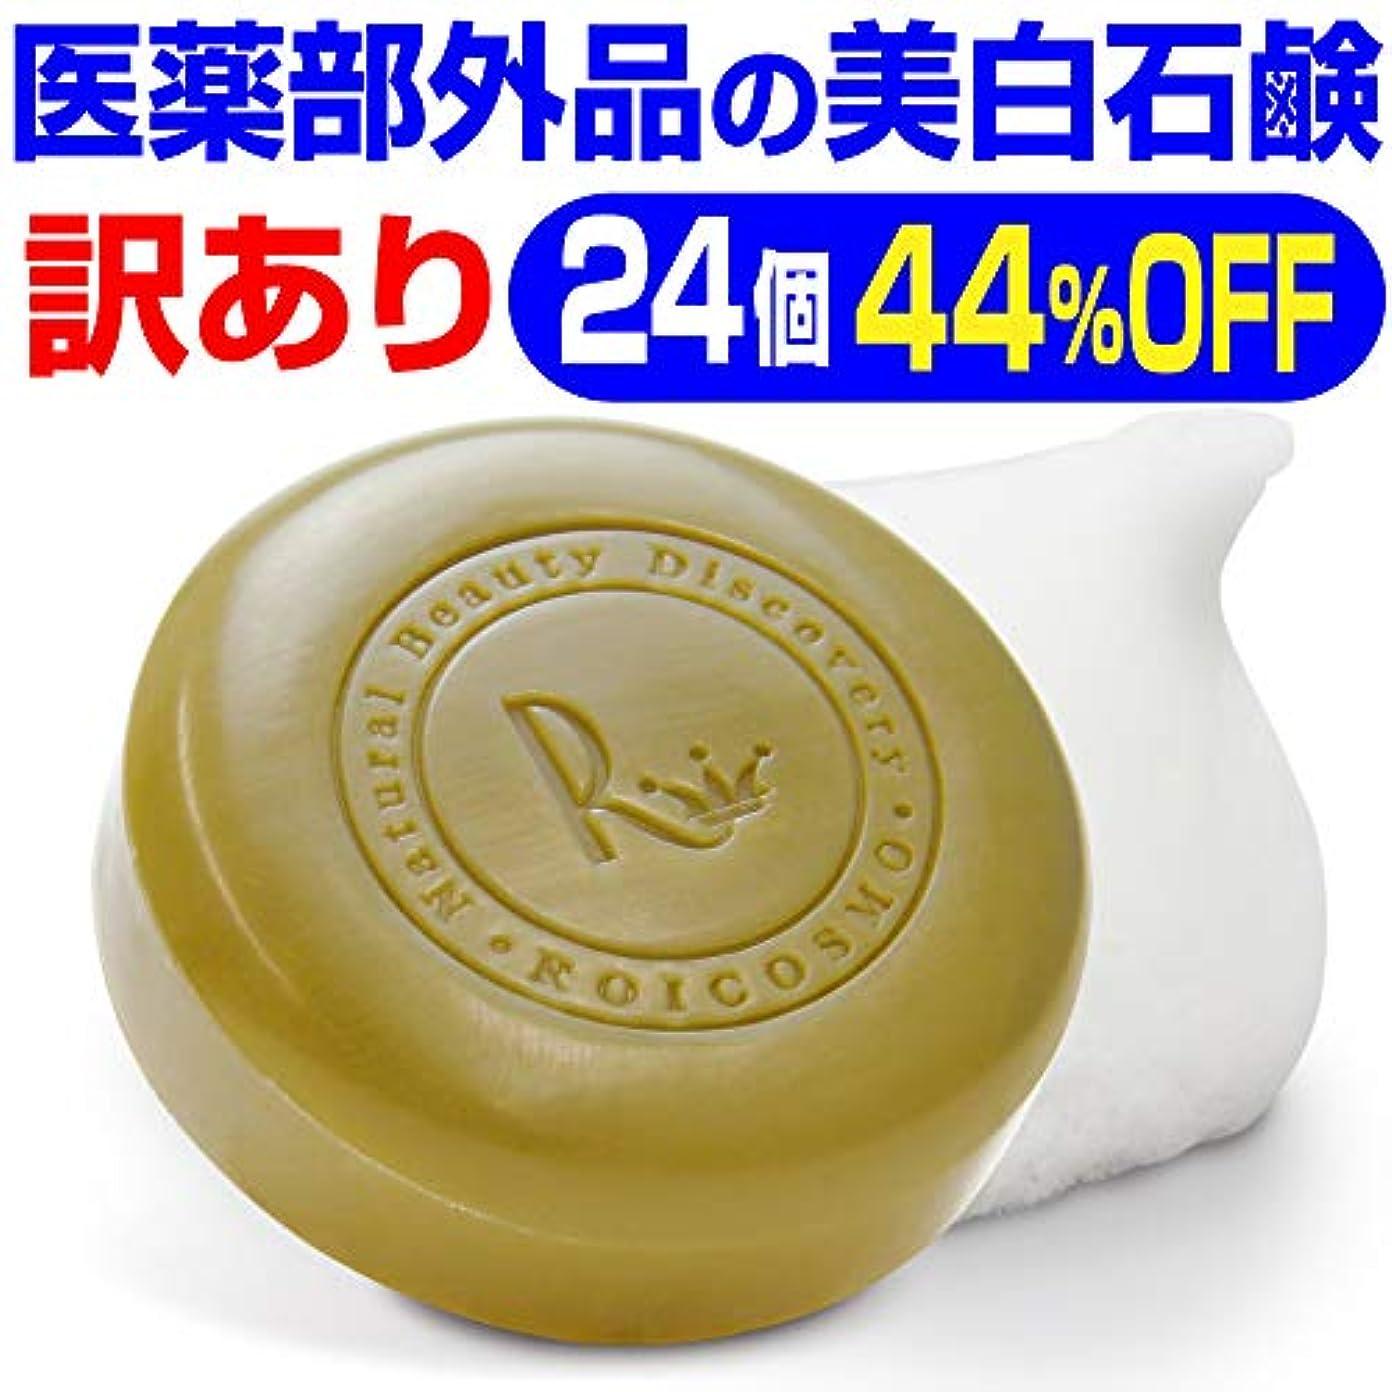 船形勇者窓を洗う訳あり44%OFF(1個2,143円)売切れ御免 ビタミンC270倍の美白成分の 洗顔石鹸『ホワイトソープ100g×24個』